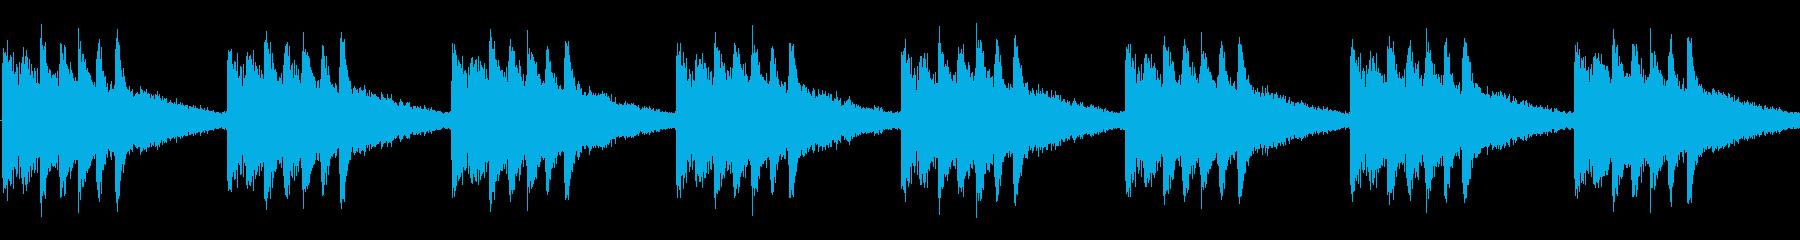 明るくおしゃれなかわいい着信音の再生済みの波形